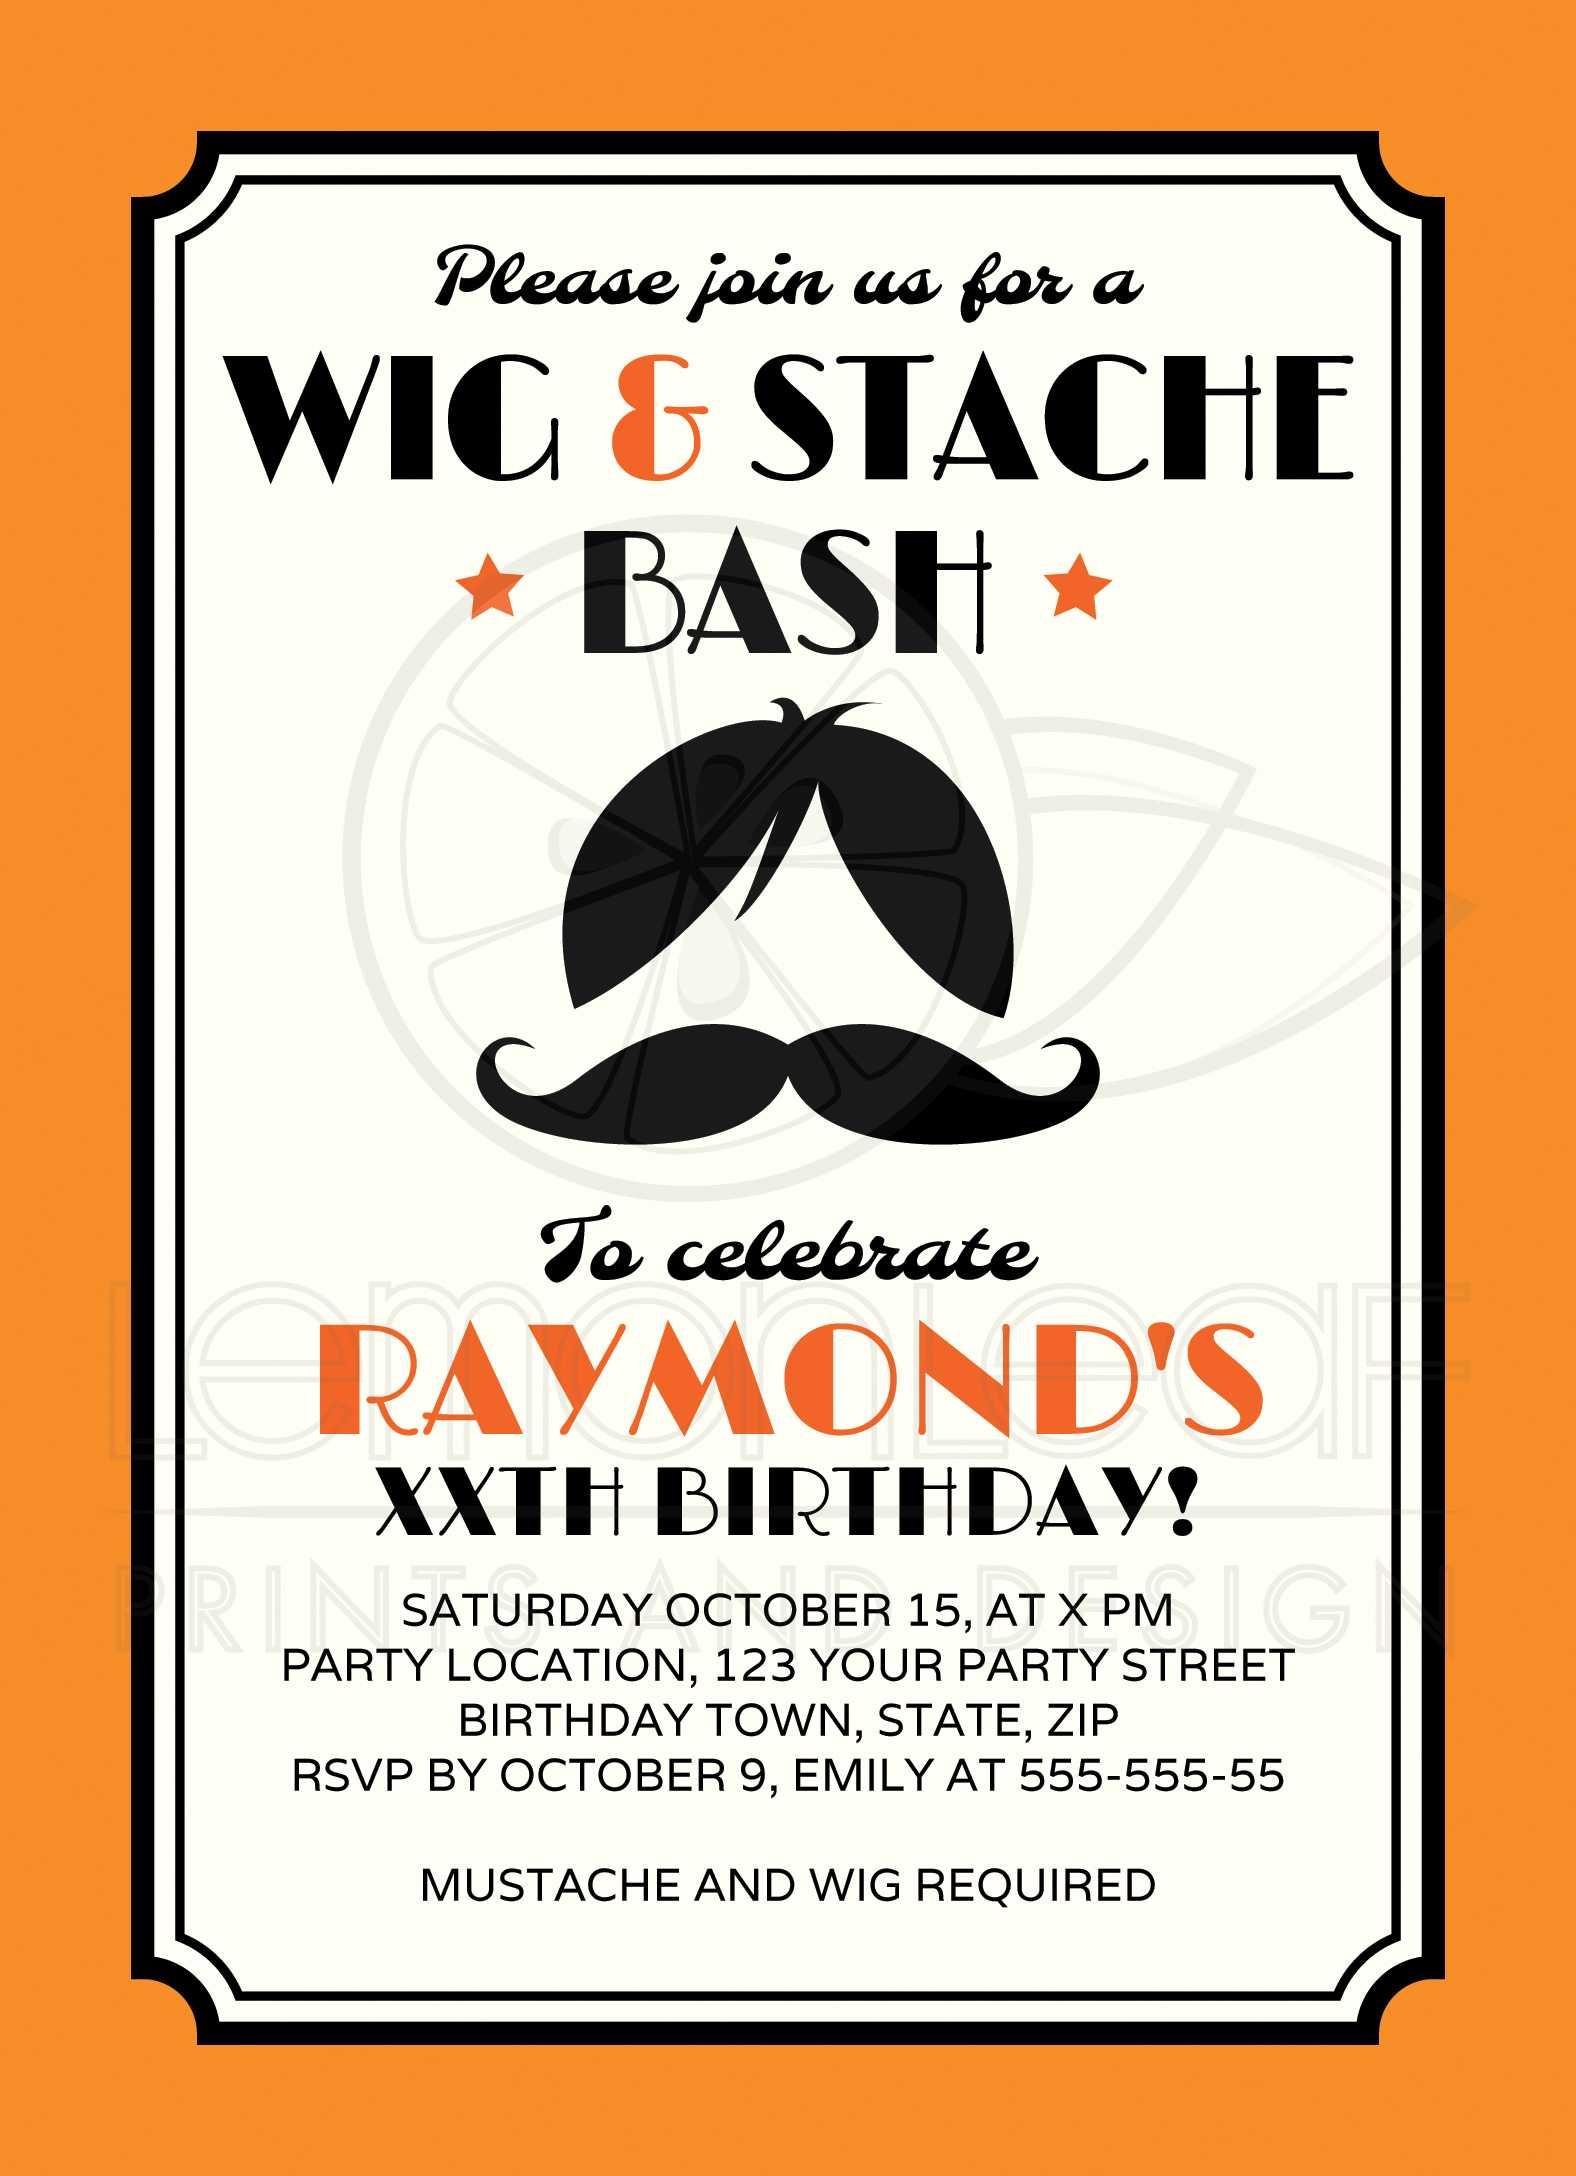 Retro wig and mustache bash birthday party invitation - orange, black